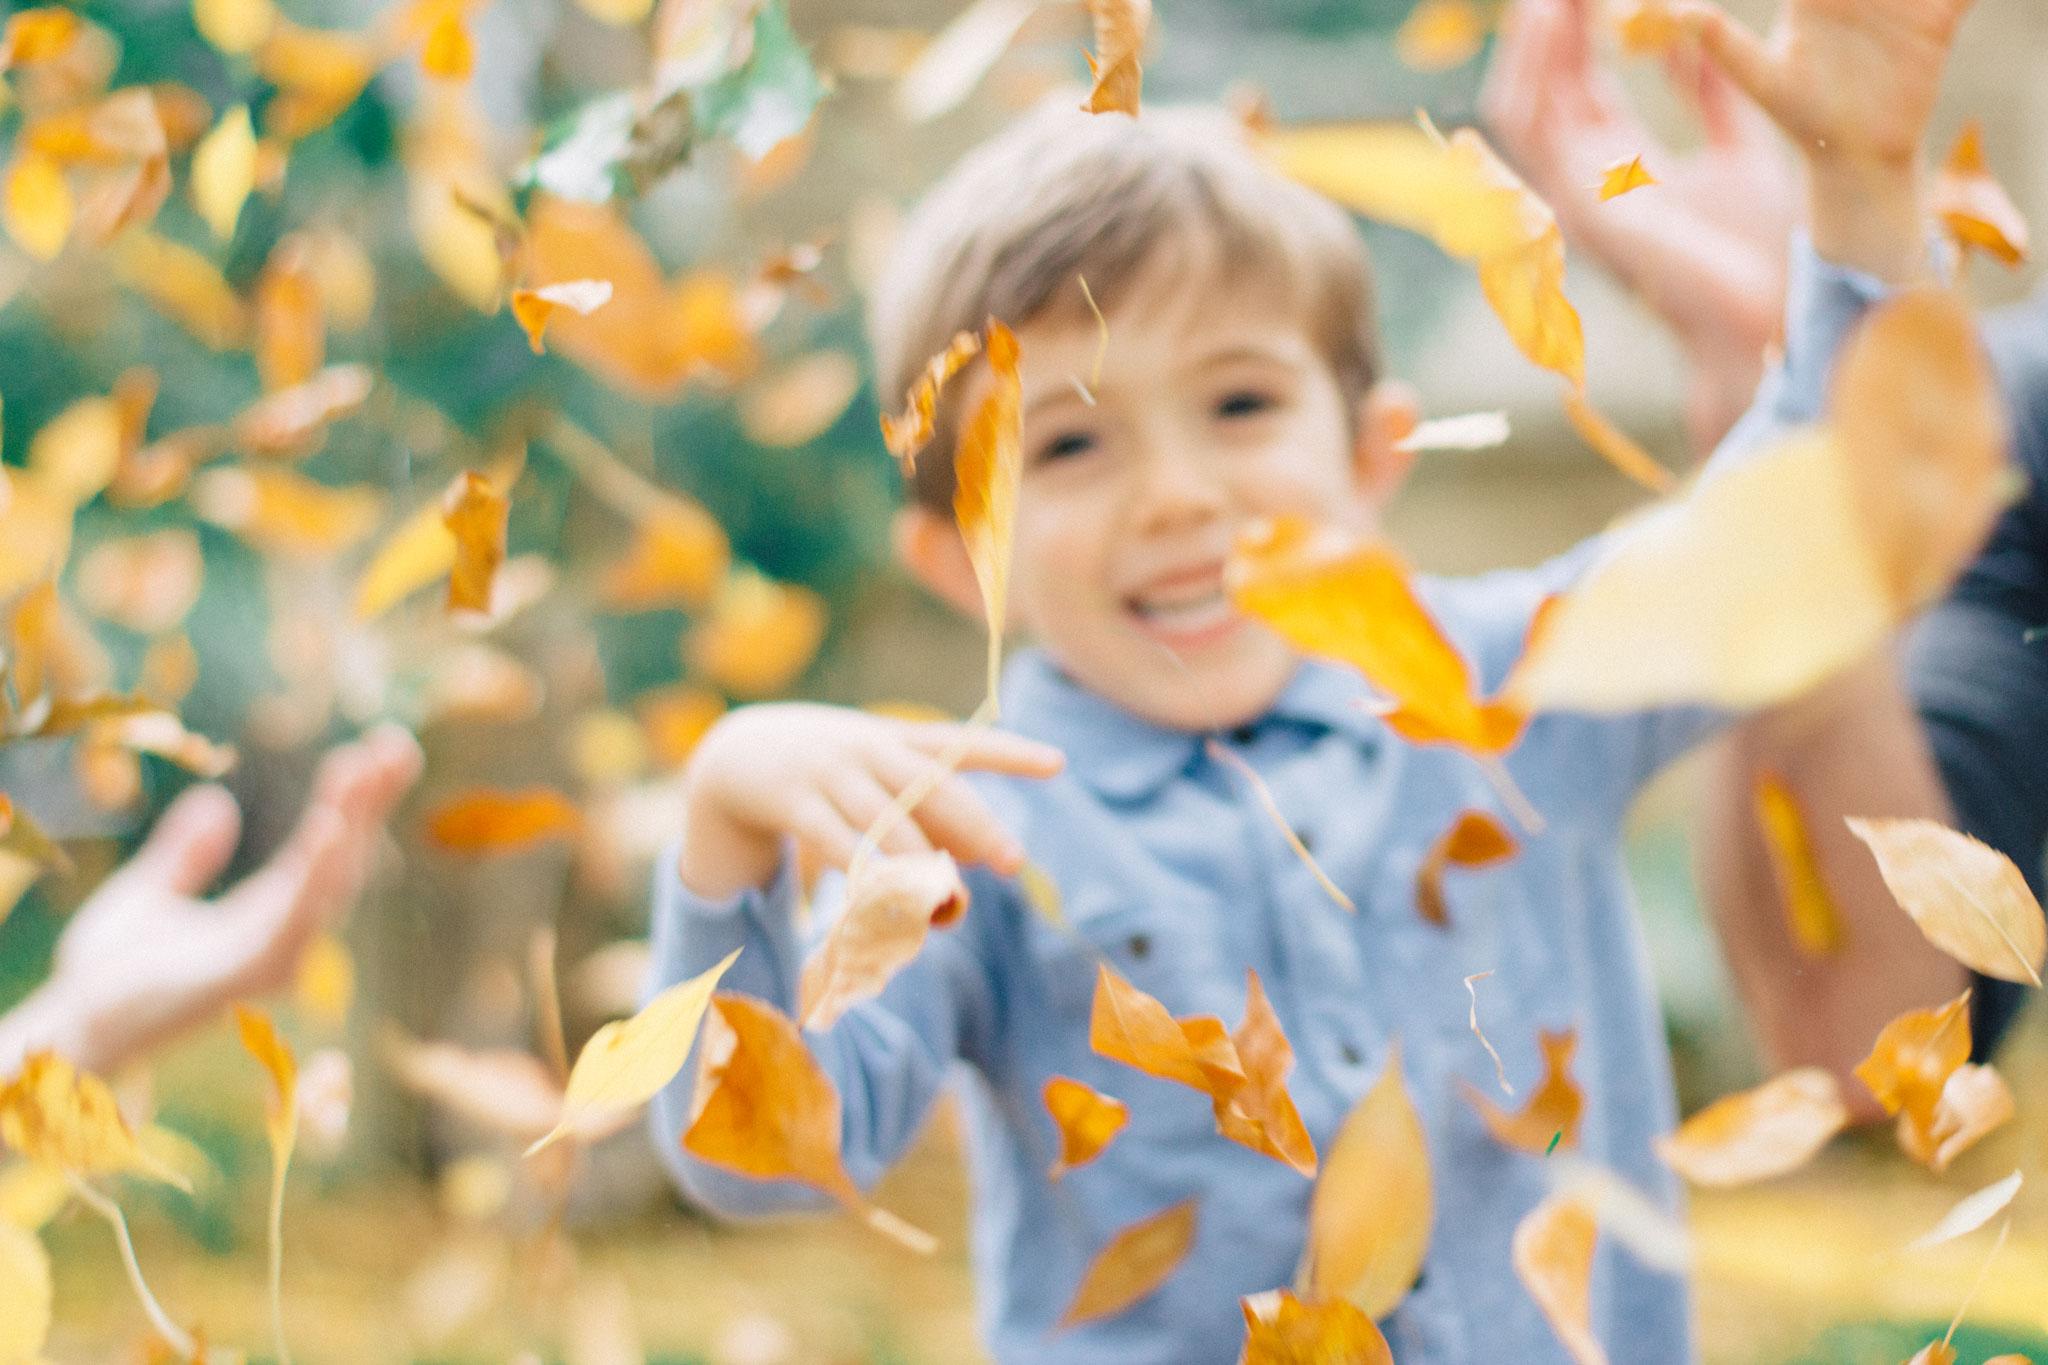 kid-throw-leaves.jpg